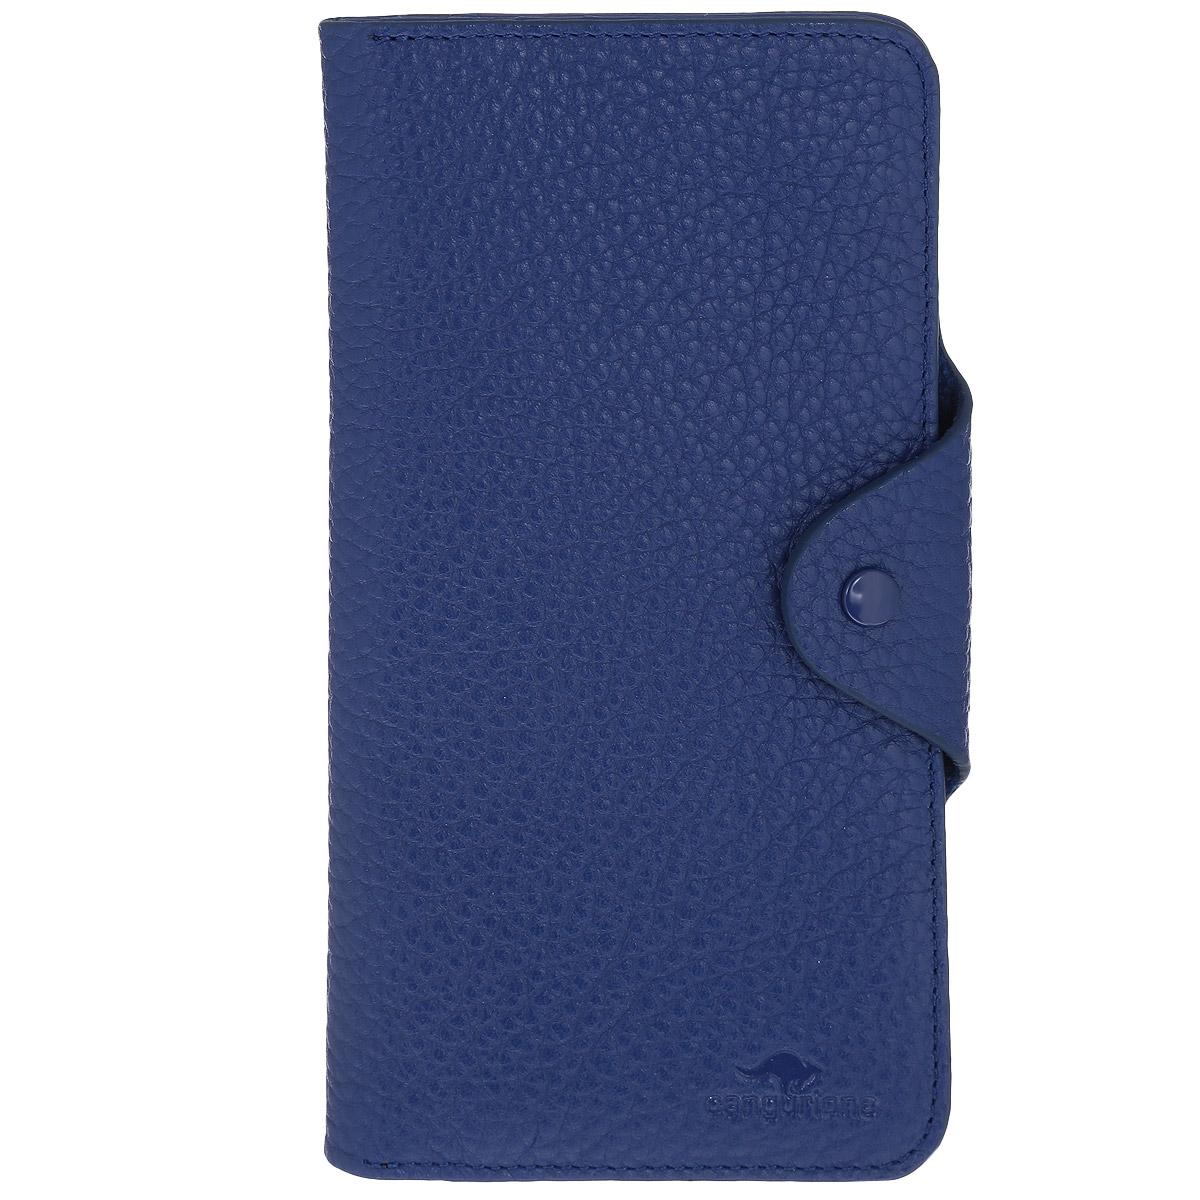 Портмоне Cangurione, цвет: синий. 2103-015 F/BlueINT-06501Мягкое портмоне Cangurione выполнено из натуральной высококачественной кожи с естественной лицевой и внутренней поверхностью. Портмоне имеет 6 отделений для купюр. Также внутри расположены 16 горизонтальных открытых карманов для банковских карт и визиток и 2 горизонтальных открытых кармана с полупрозрачным окошком-сеточкой. Портмоне оснащено клапаном для фиксации бумаг и документов и дополнено внутренним карманом для мелочи на застежке-молнии, которое также можно использовать для хранения купюр. Портмоне надежно закрывается на узкий клапан с кнопкой.Портмоне - это удобный и стильный аксессуар, необходимый каждому активному человеку для хранения денежных купюр, монет, визитных и пластиковых карт, а также небольших документов. Надежное портмоне Cangurione сочетает в себе классический дизайн и функциональность, и не только практично в использовании, но и станет отличным дополнением к любому стилю, и позволит вам подчеркнуть свою индивидуальность.Портмоне упаковано в подарочную коробку с логотипом производителя.